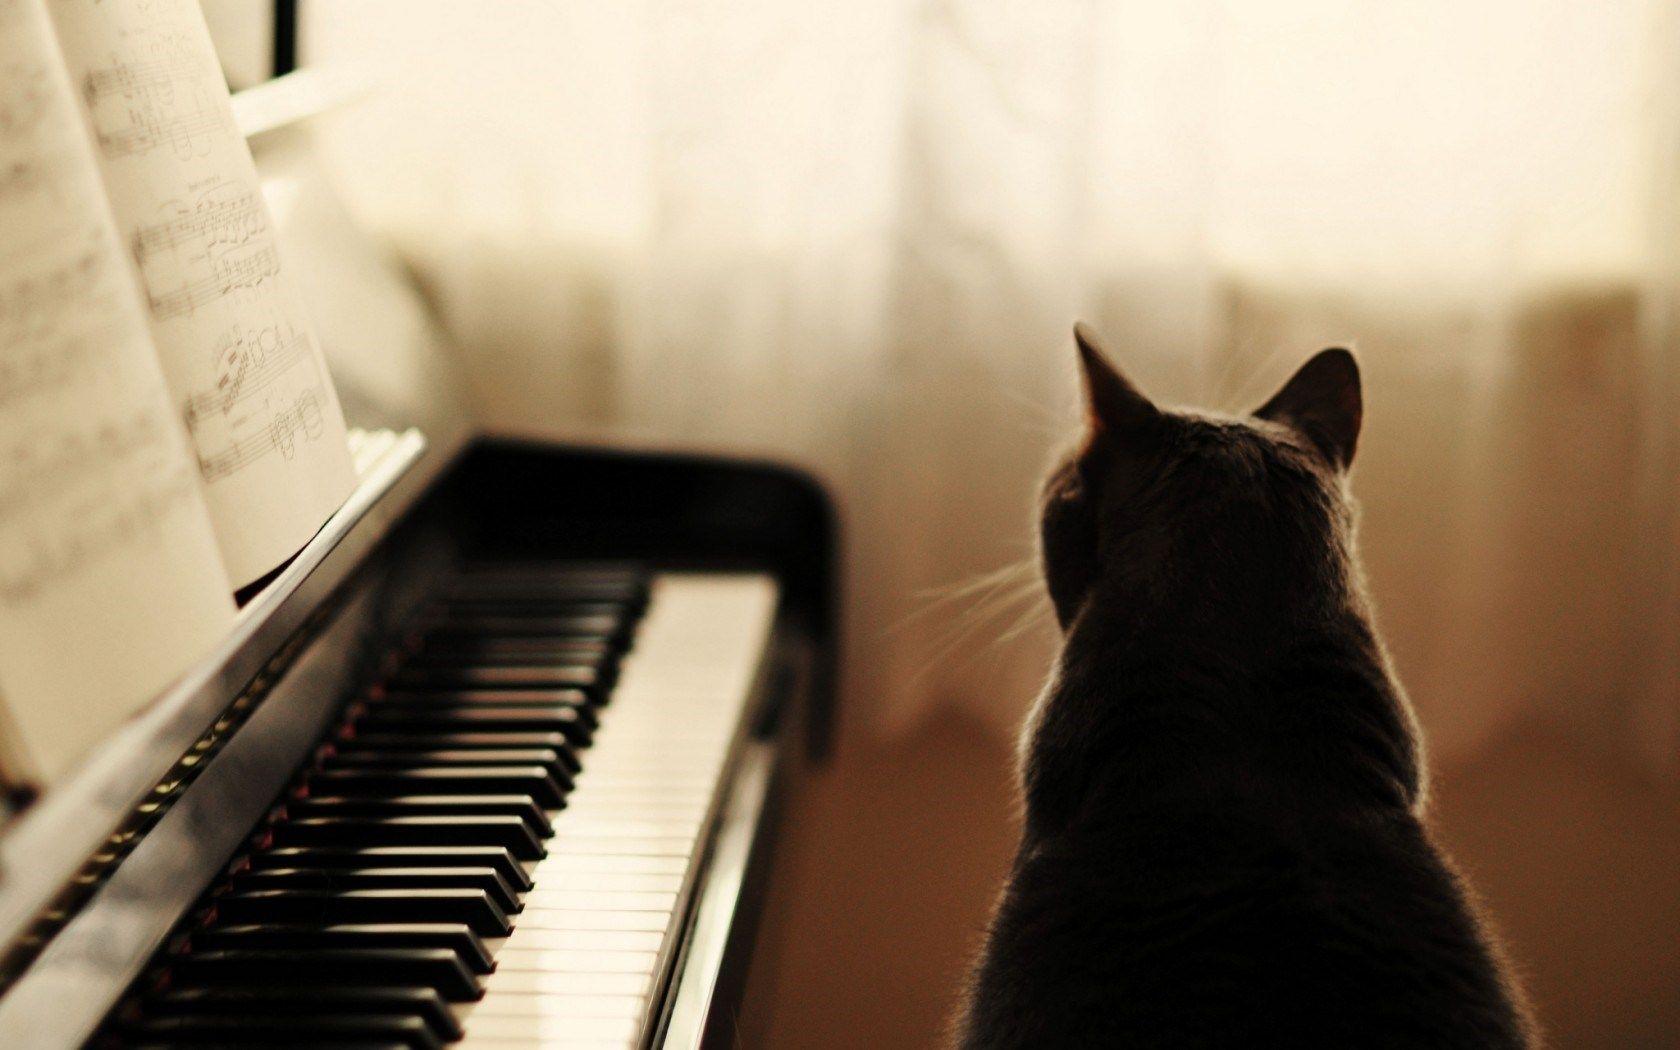 Piano Wallpaper 45844 1680x1050 Px Hdwallsource Com Music Wallpaper Piano Music Piano